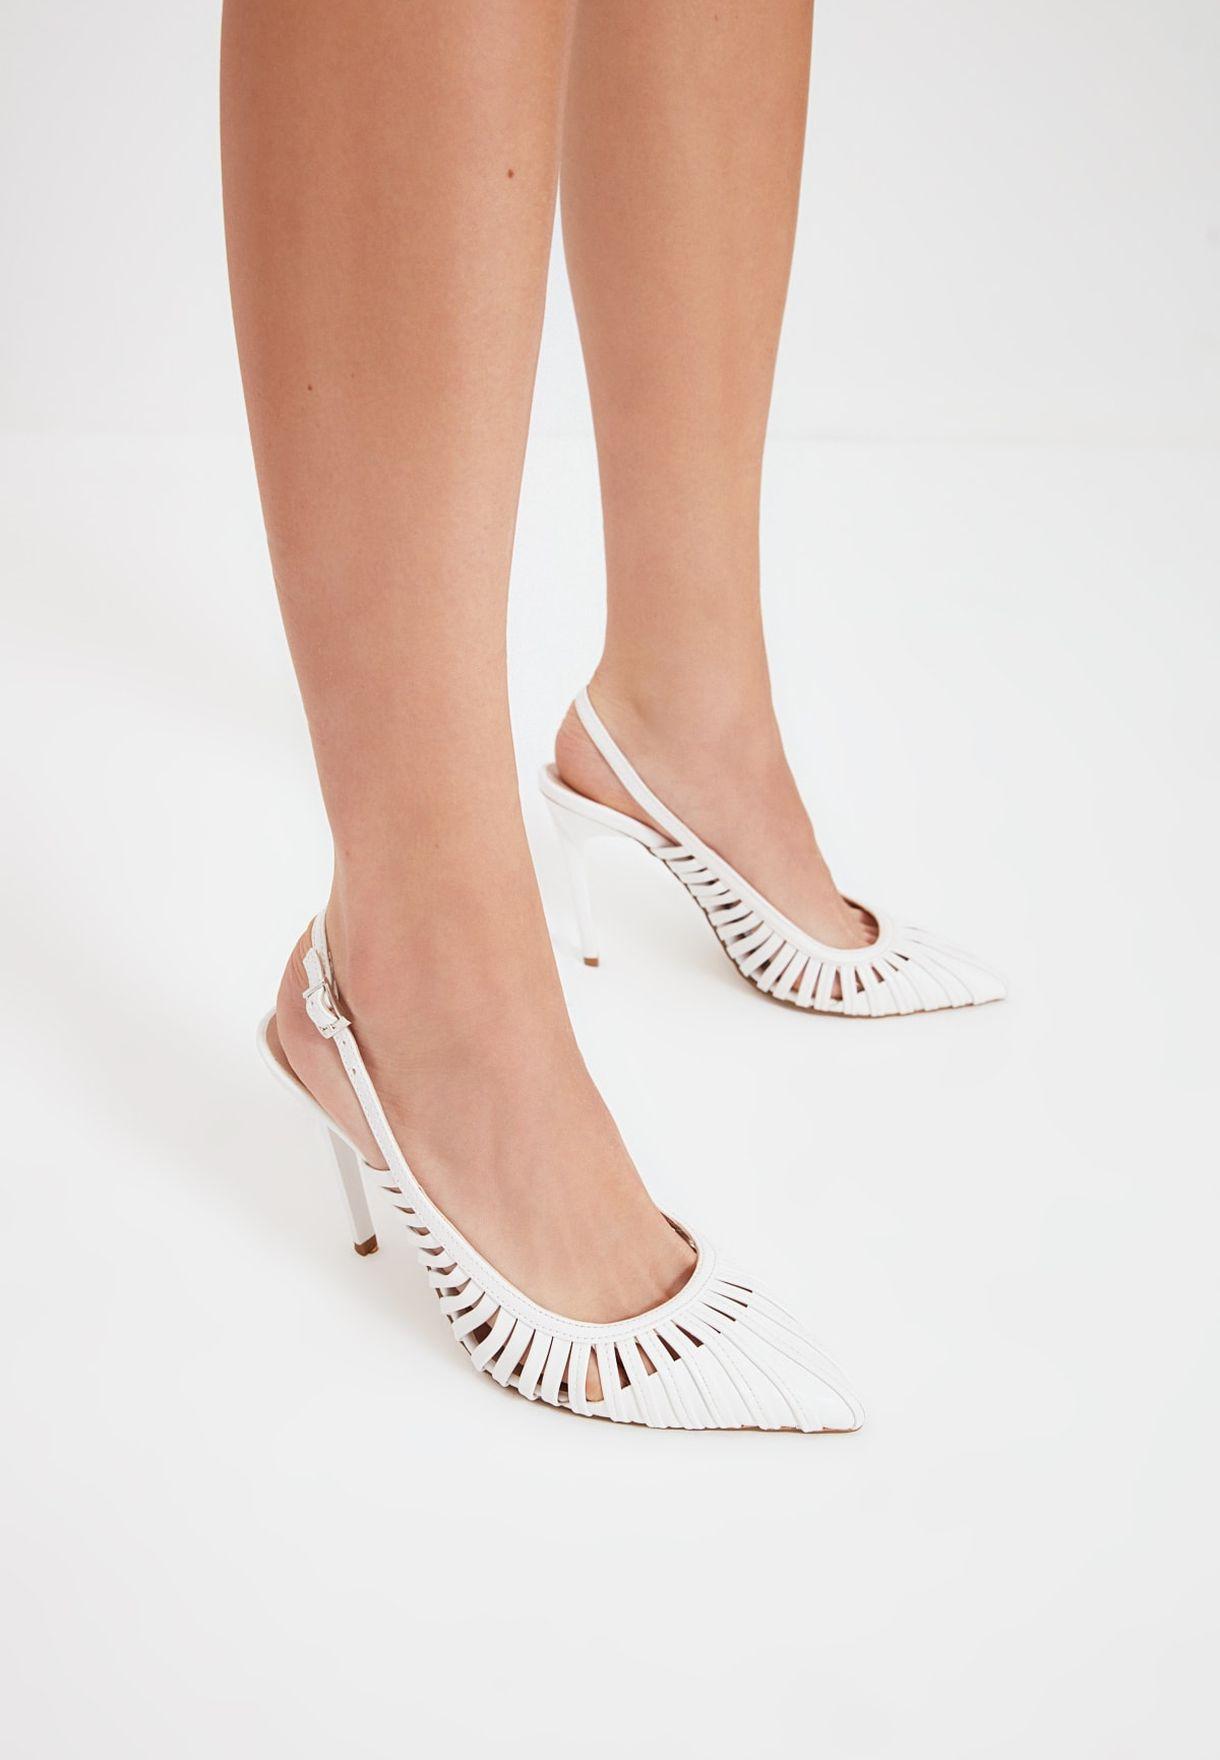 حذاء كعب عالي بسيور